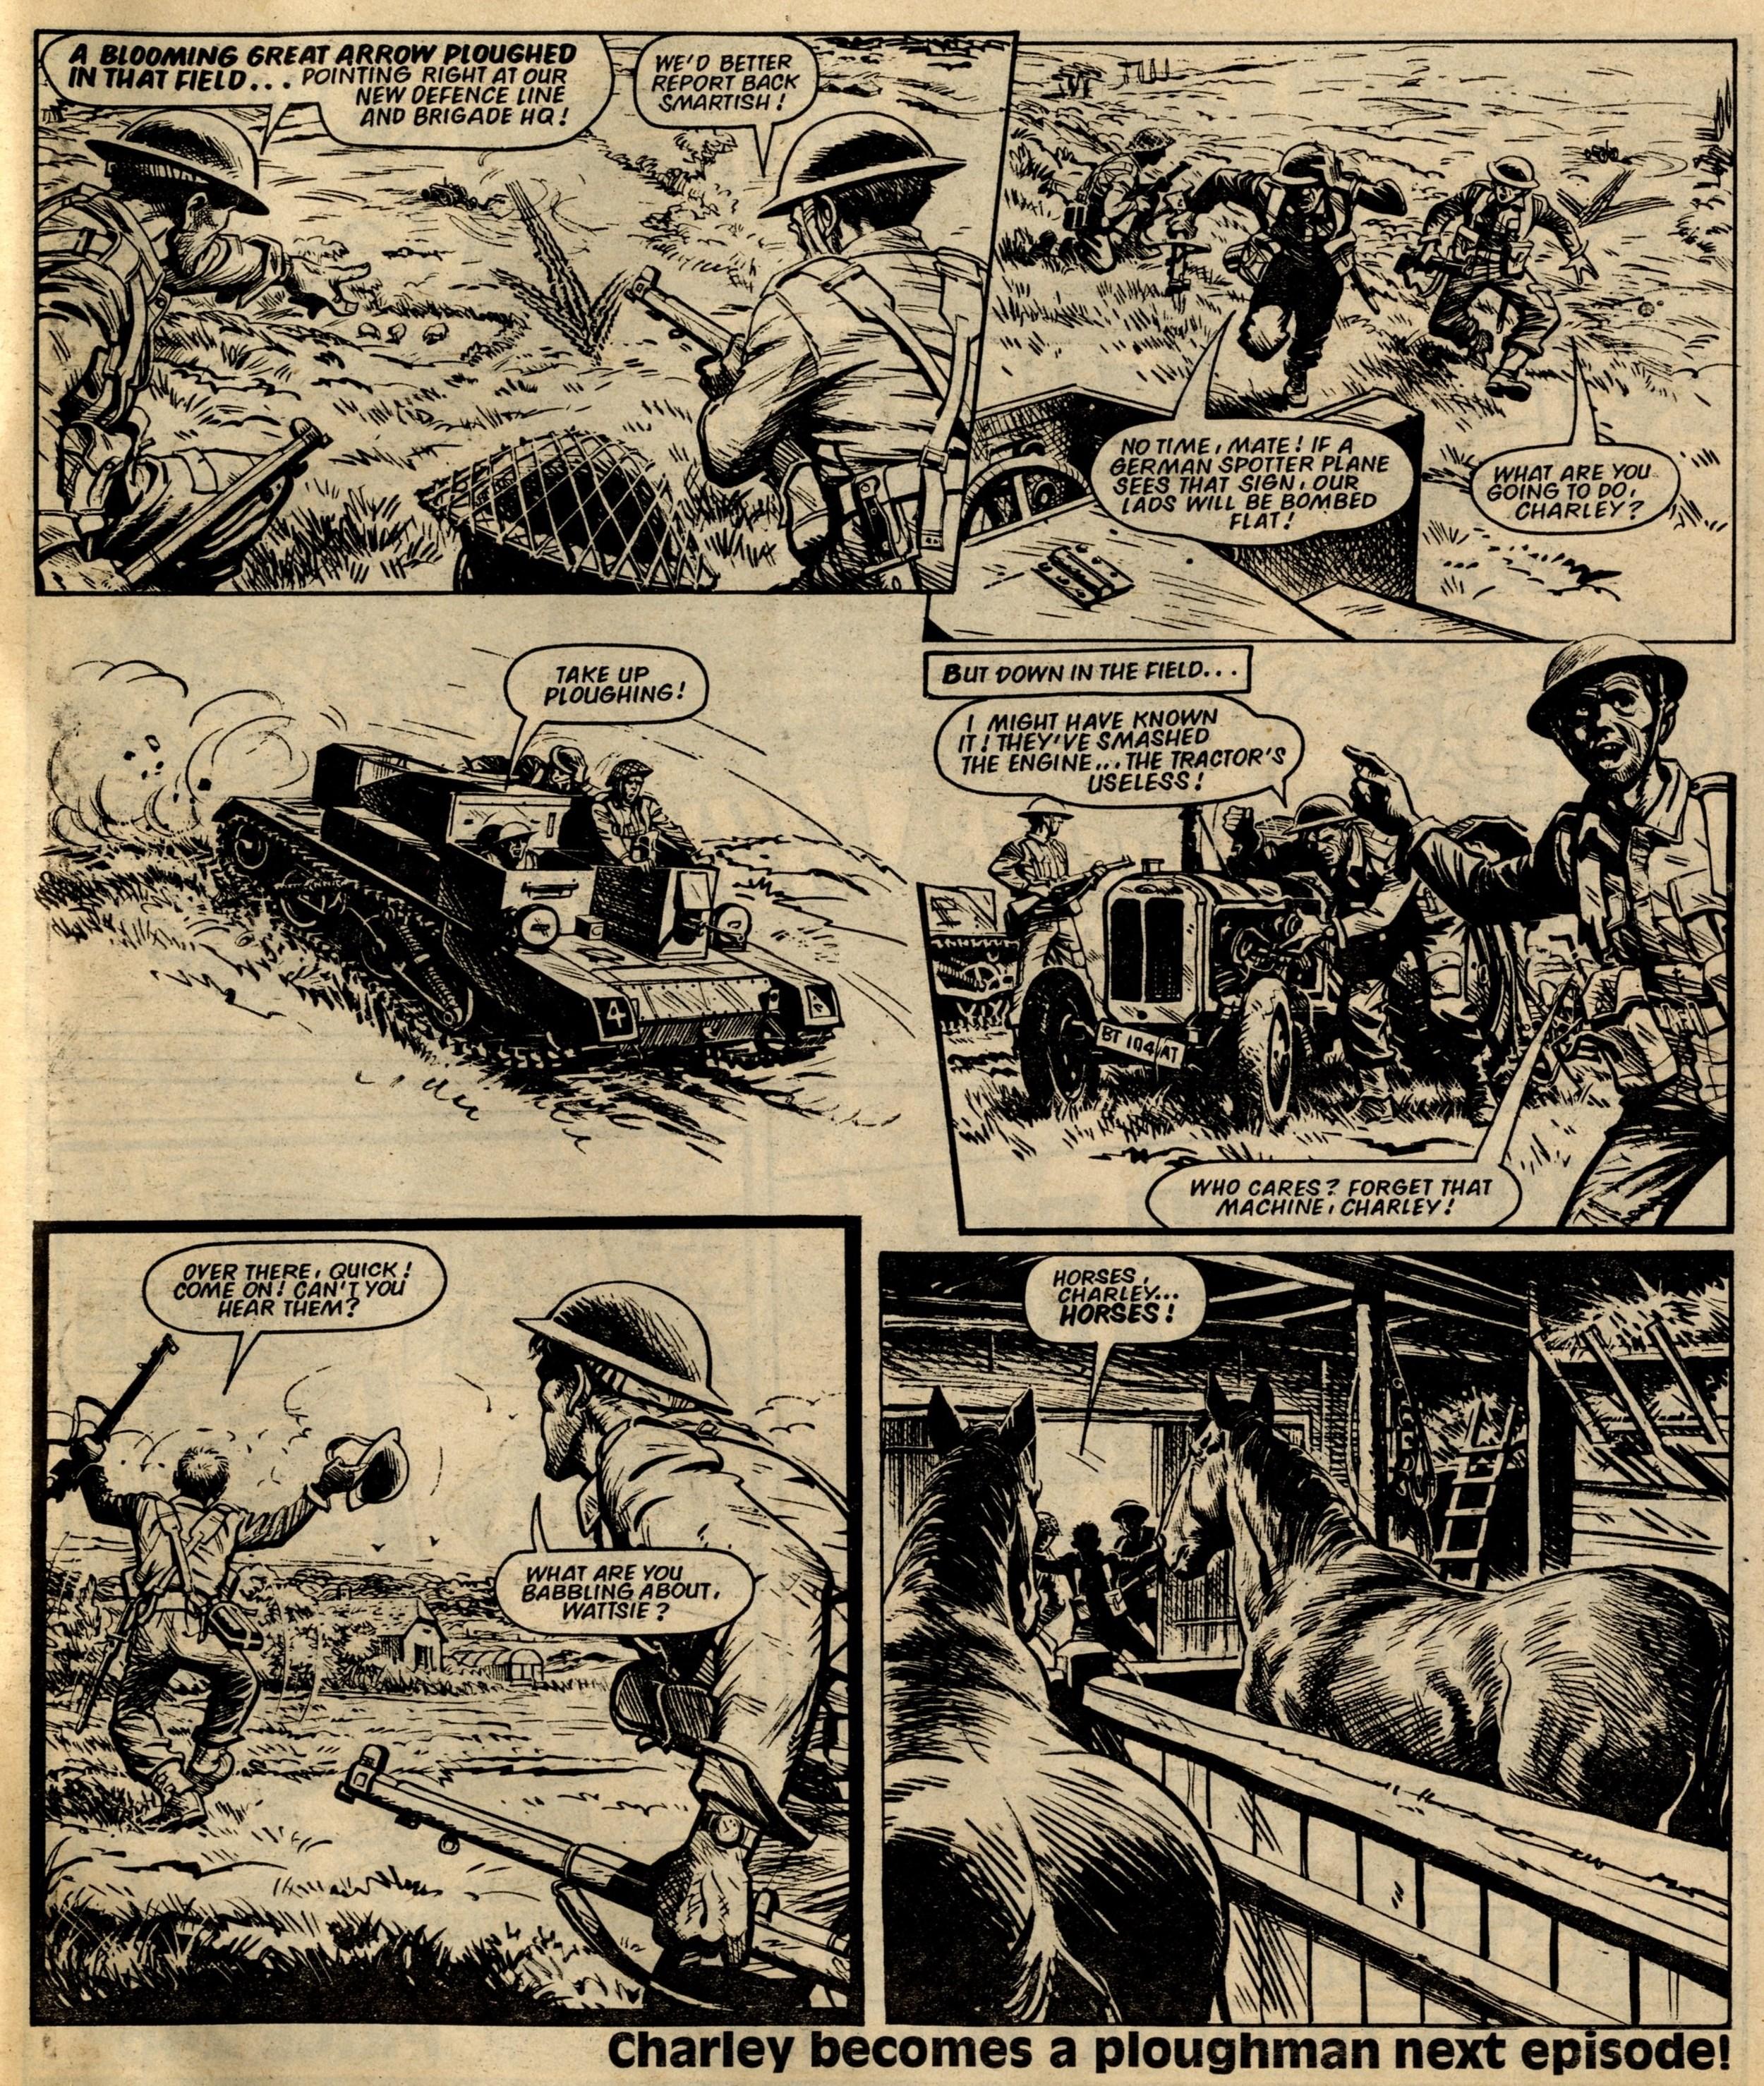 Charley's War: Scott Goodall (writer), Joe Colquhoun (artist)